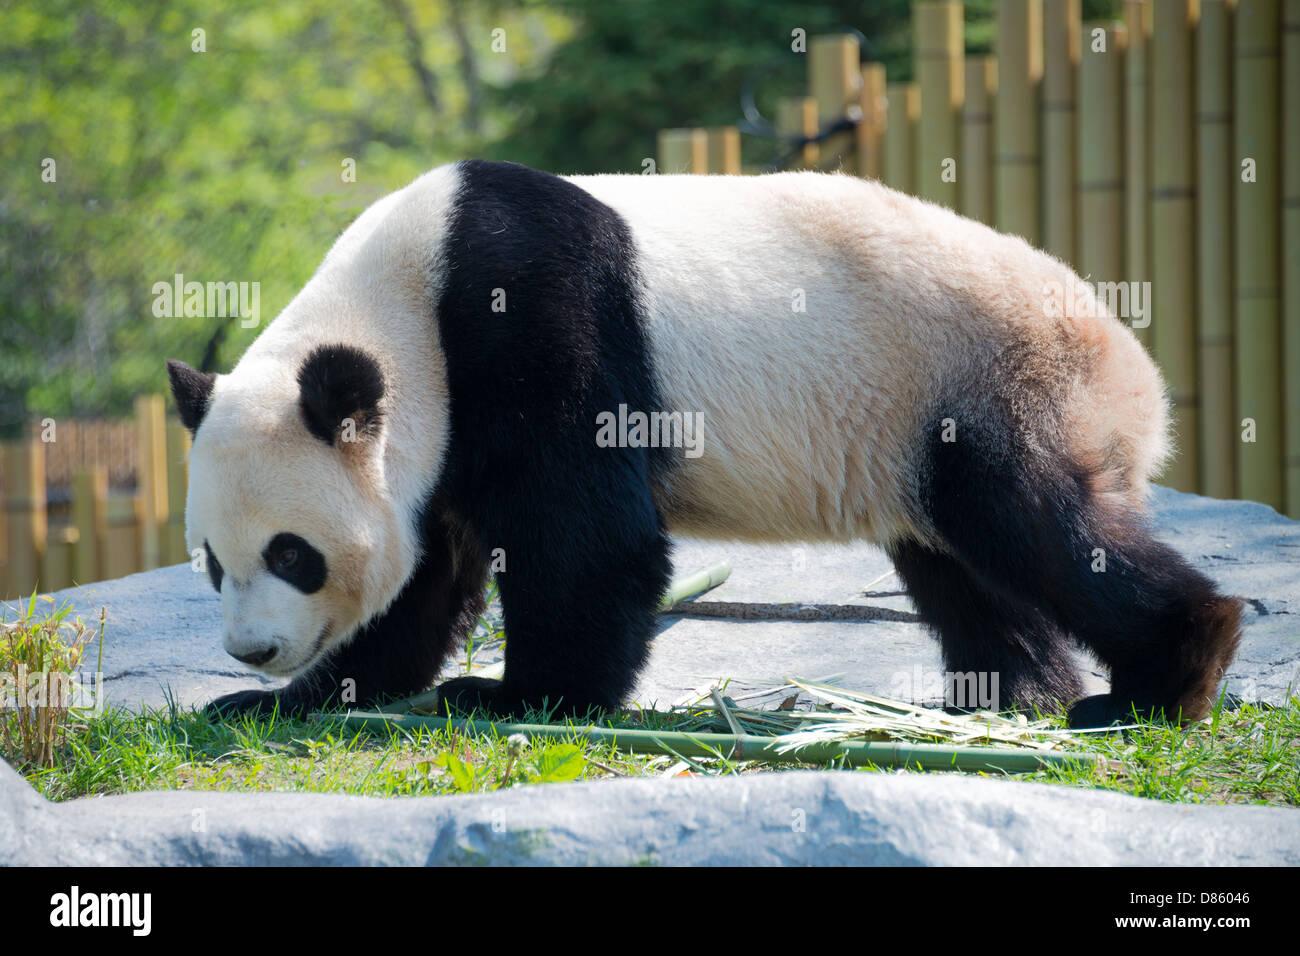 Toronto Zoo Pandas. - Stock Image